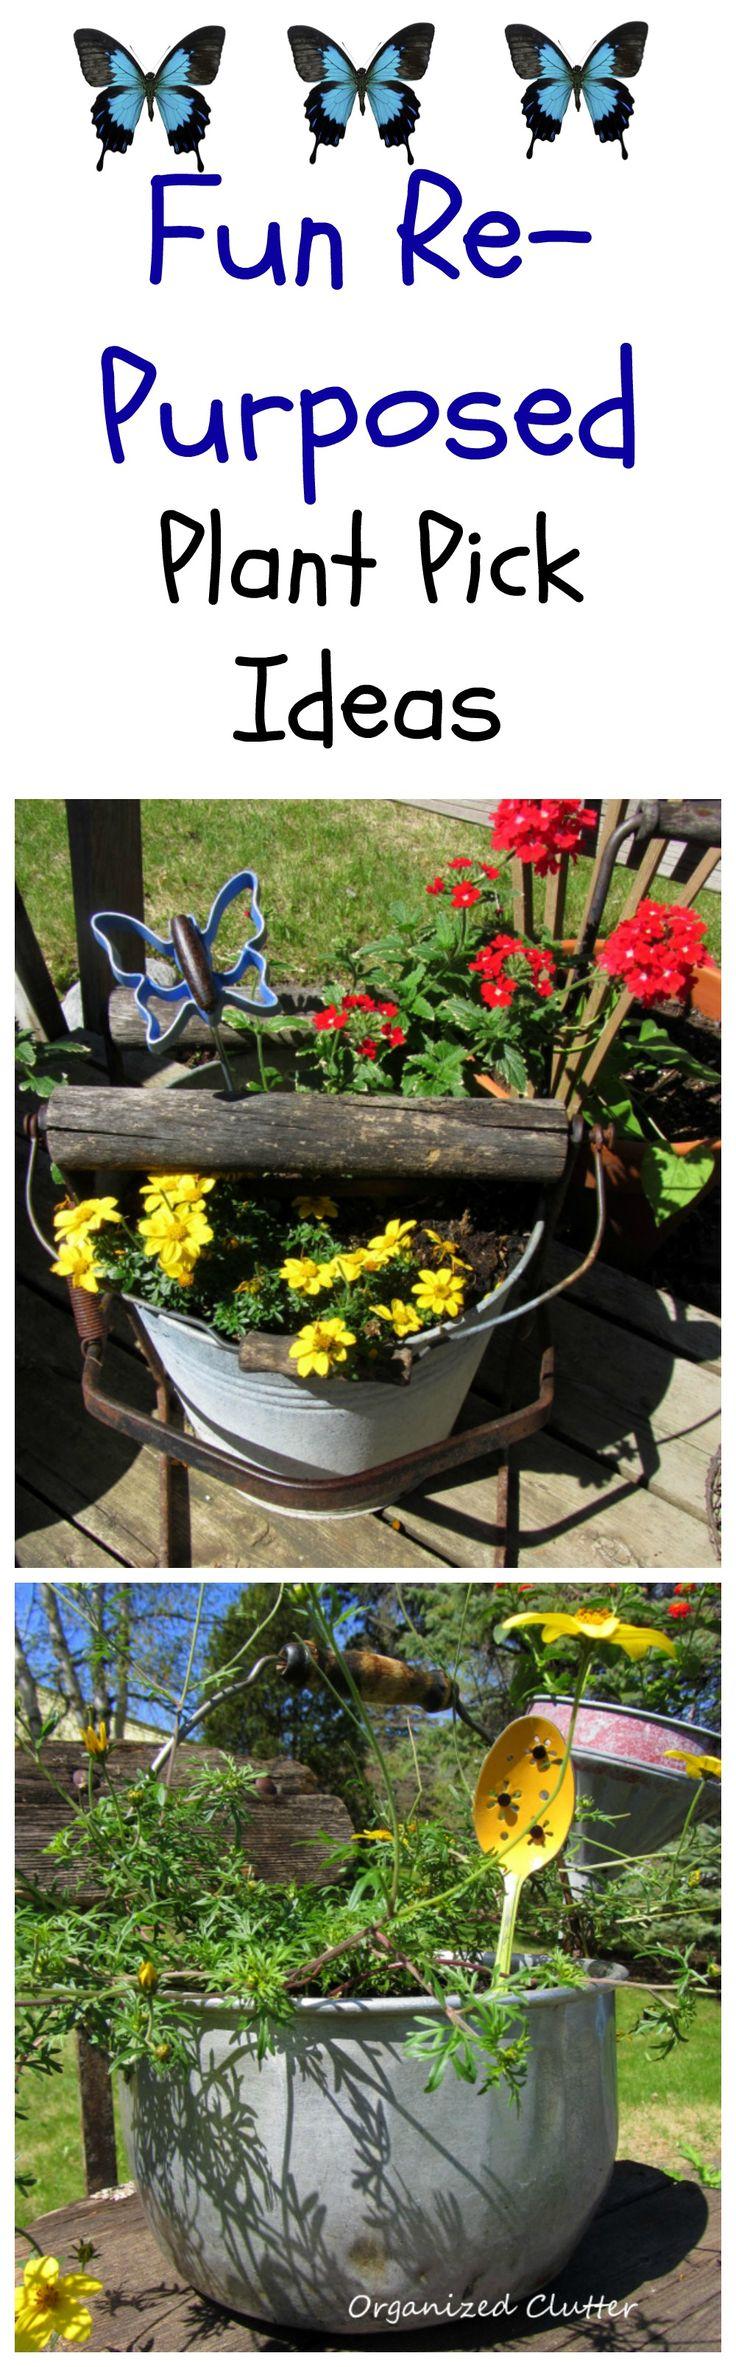 1393 best garden junk/antiques images on Pinterest   Garden junk ...